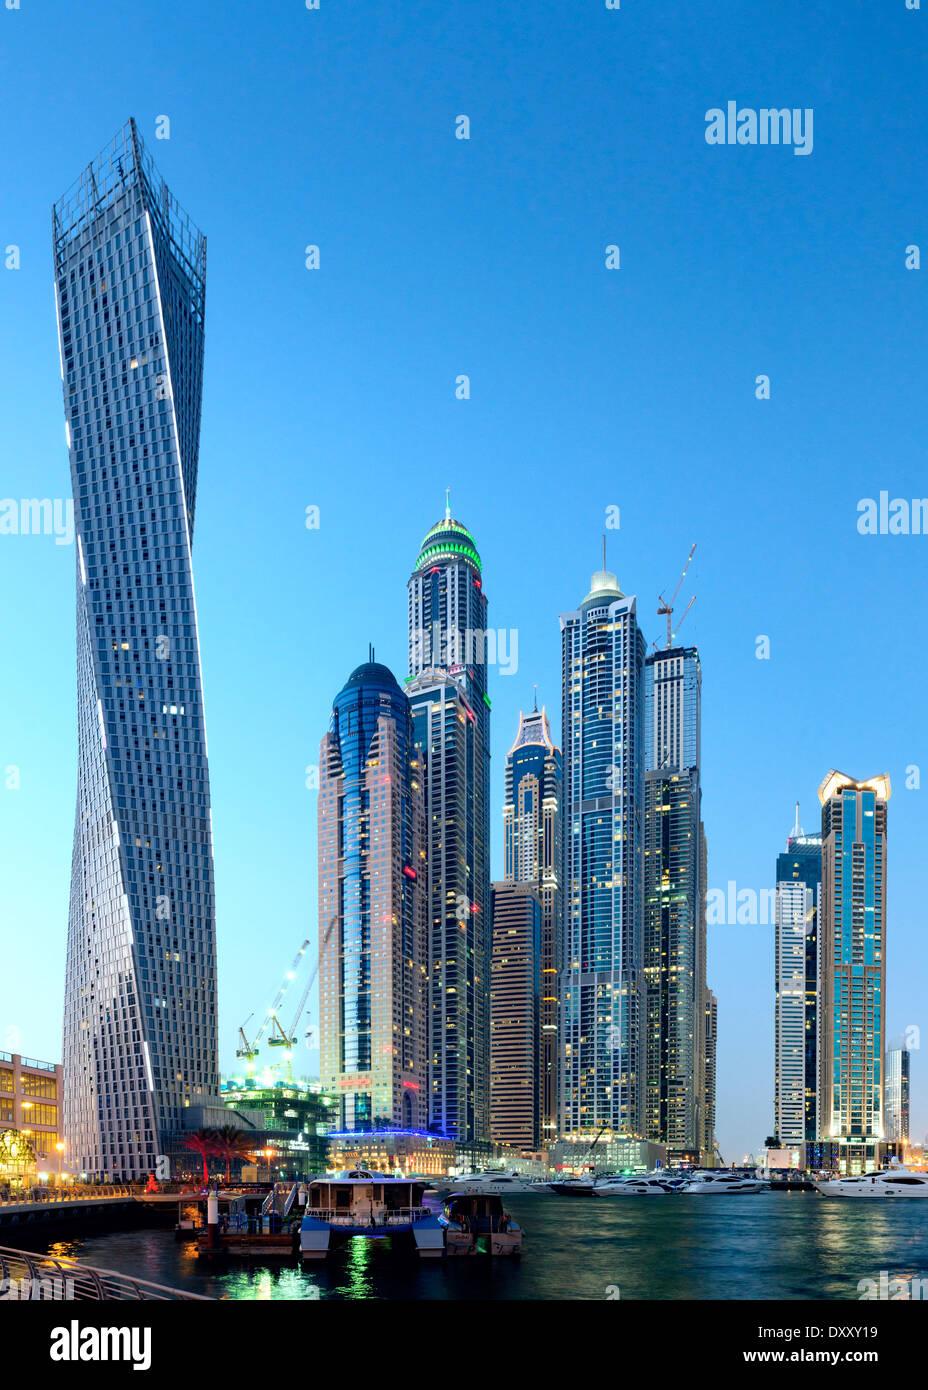 Twilight vista del horizonte de rascacielos moderno en la zona del puerto deportivo de Dubai, Emiratos Árabes Imagen De Stock